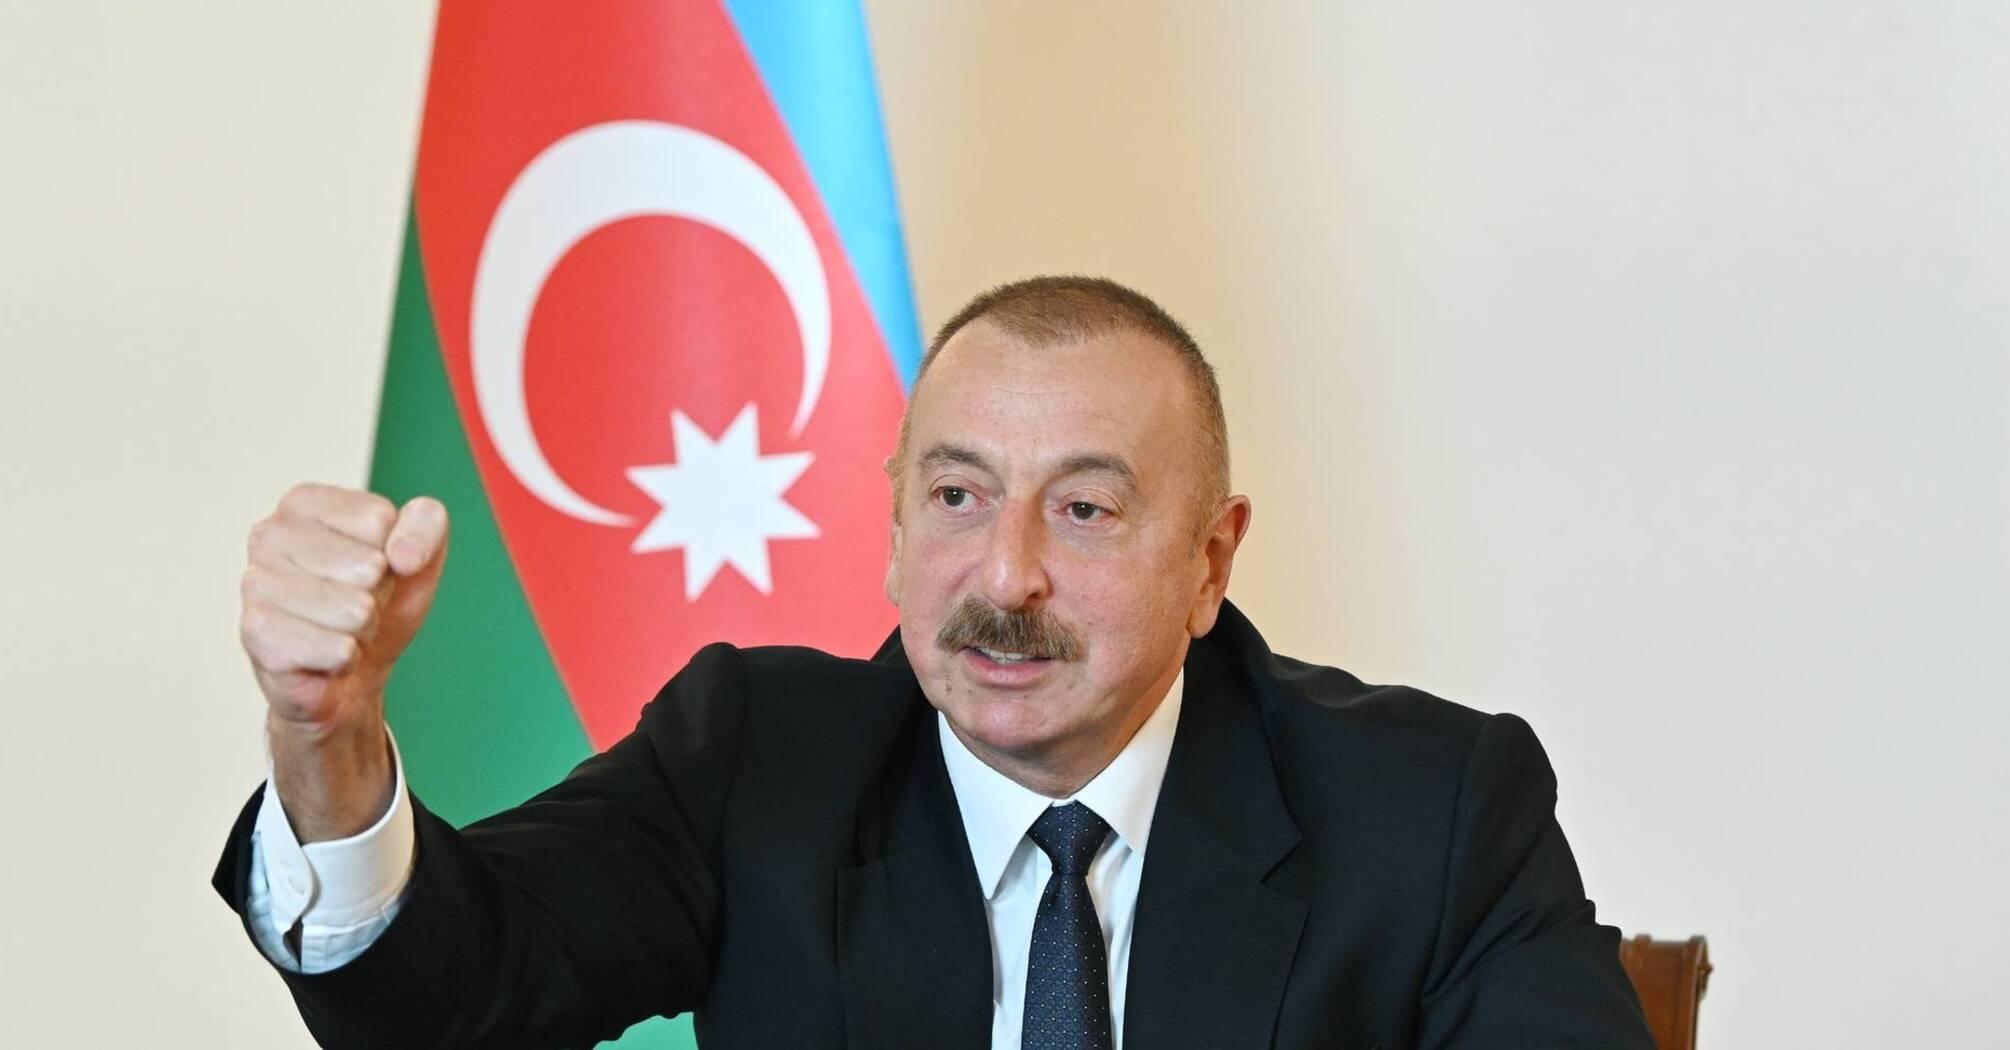 Азербайджан начал строительство аэропорта в Нагорном Карабахе